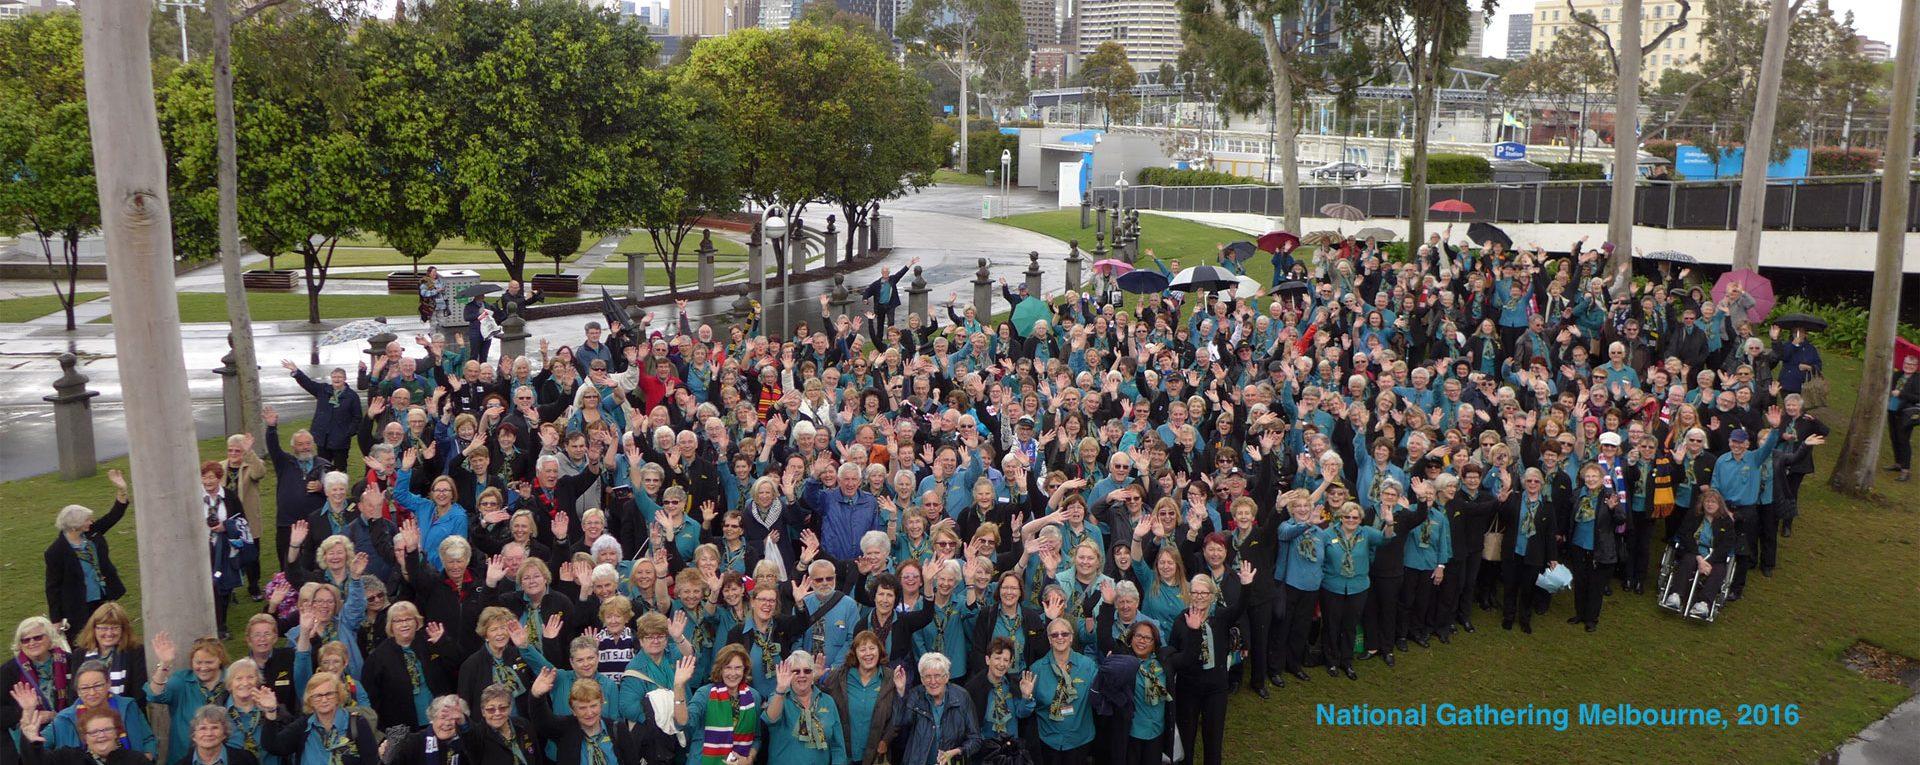 National Gathering Melbourne 2016